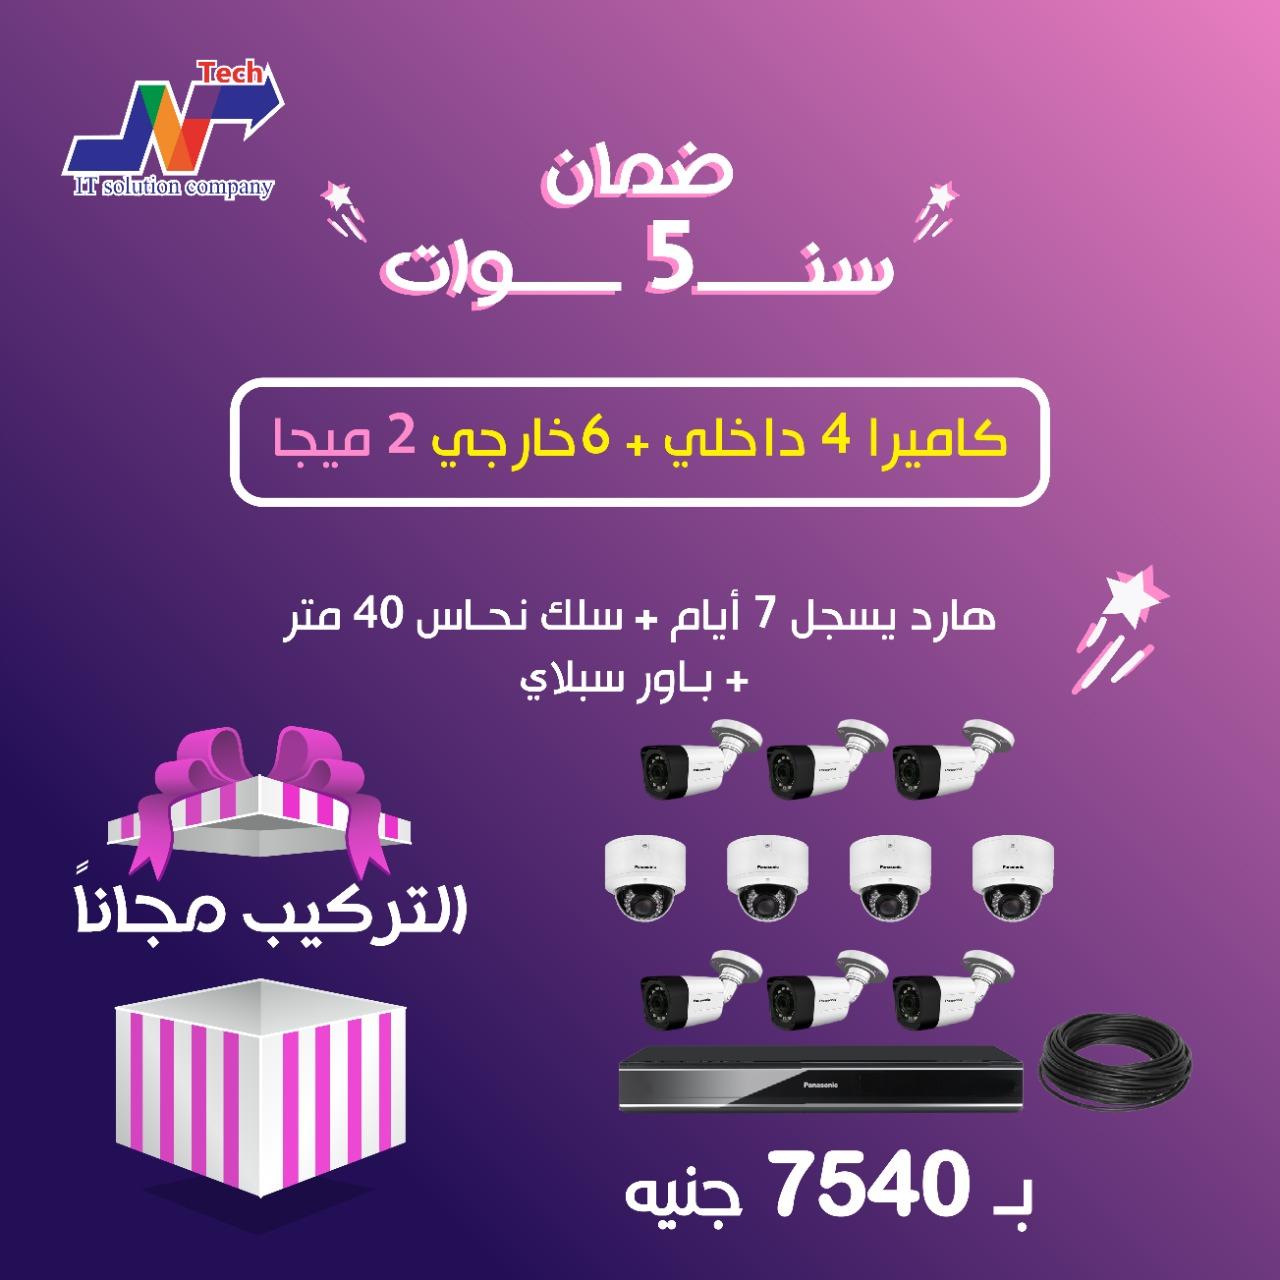 افضل شركات كاميرات مراقبة,اماكن بيع,في مصر